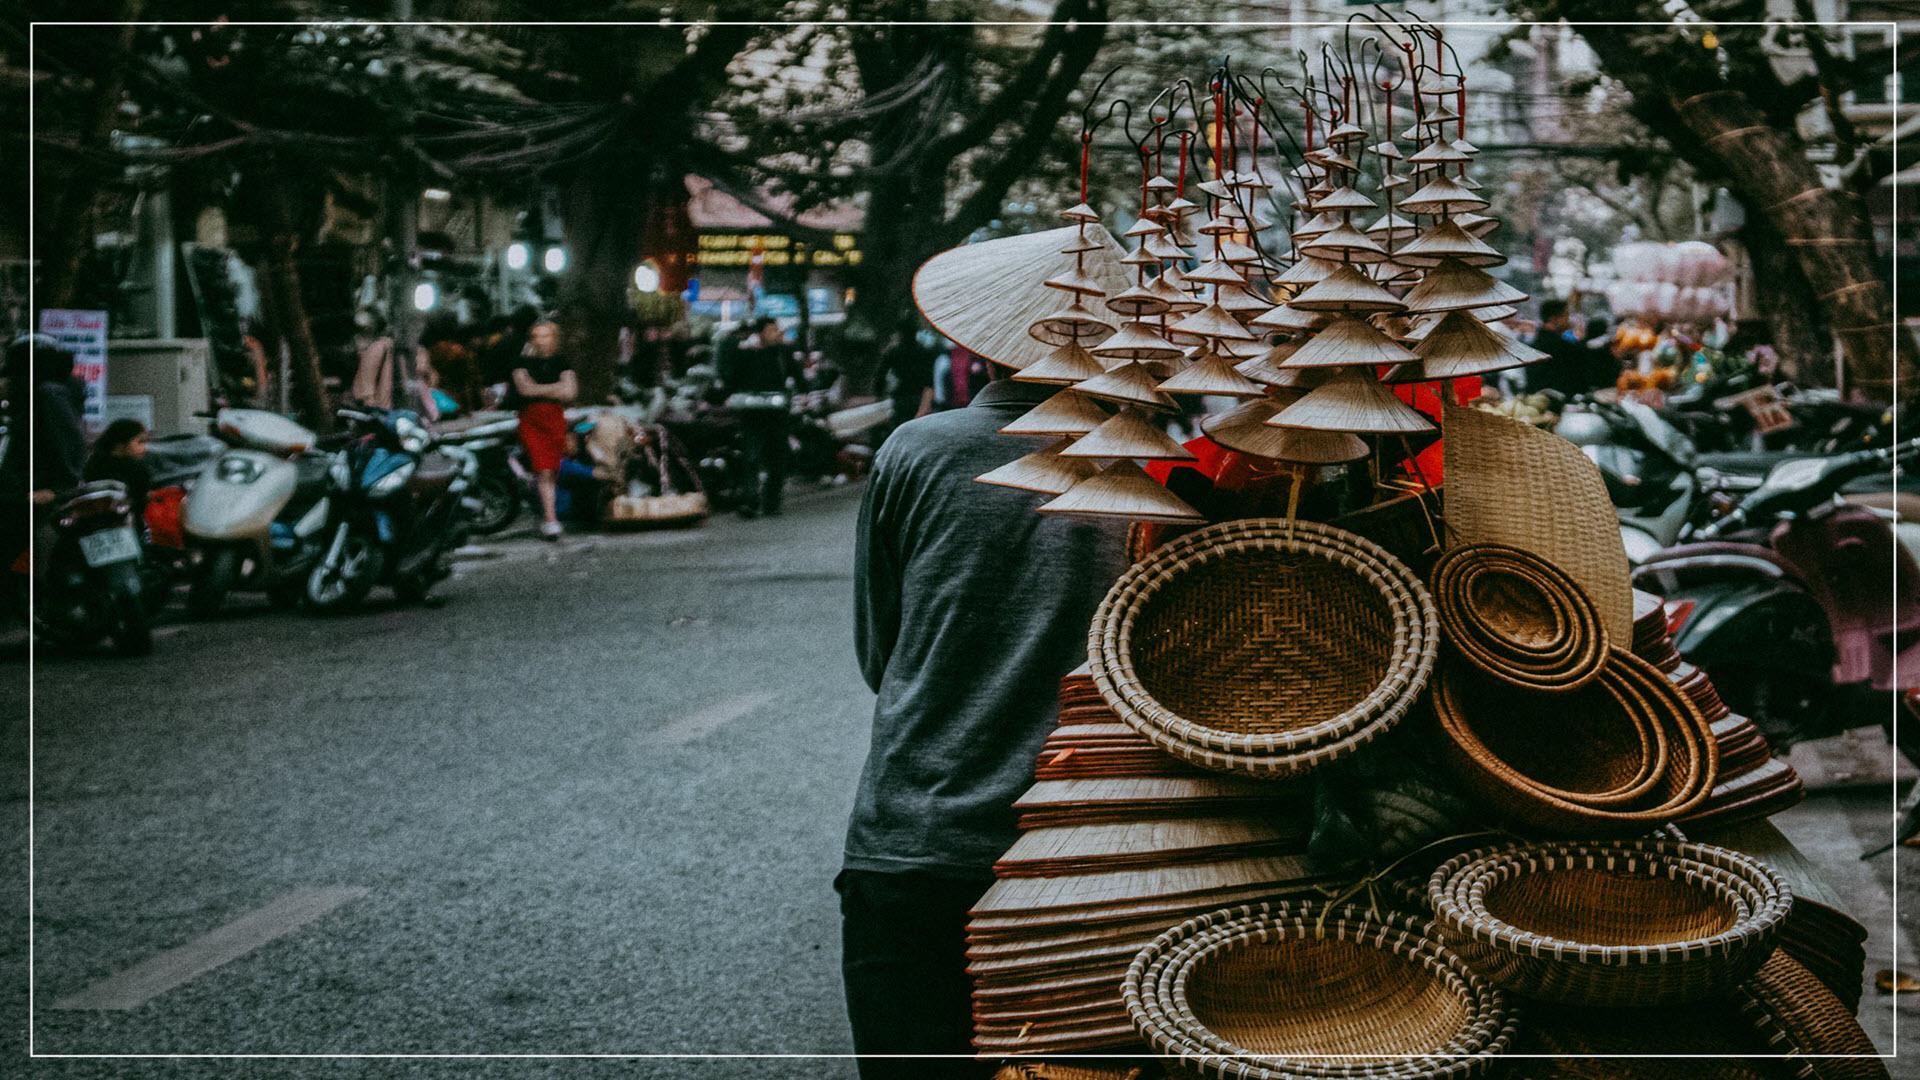 Hình nền đẹp về cuộc sống ở Hà Nội